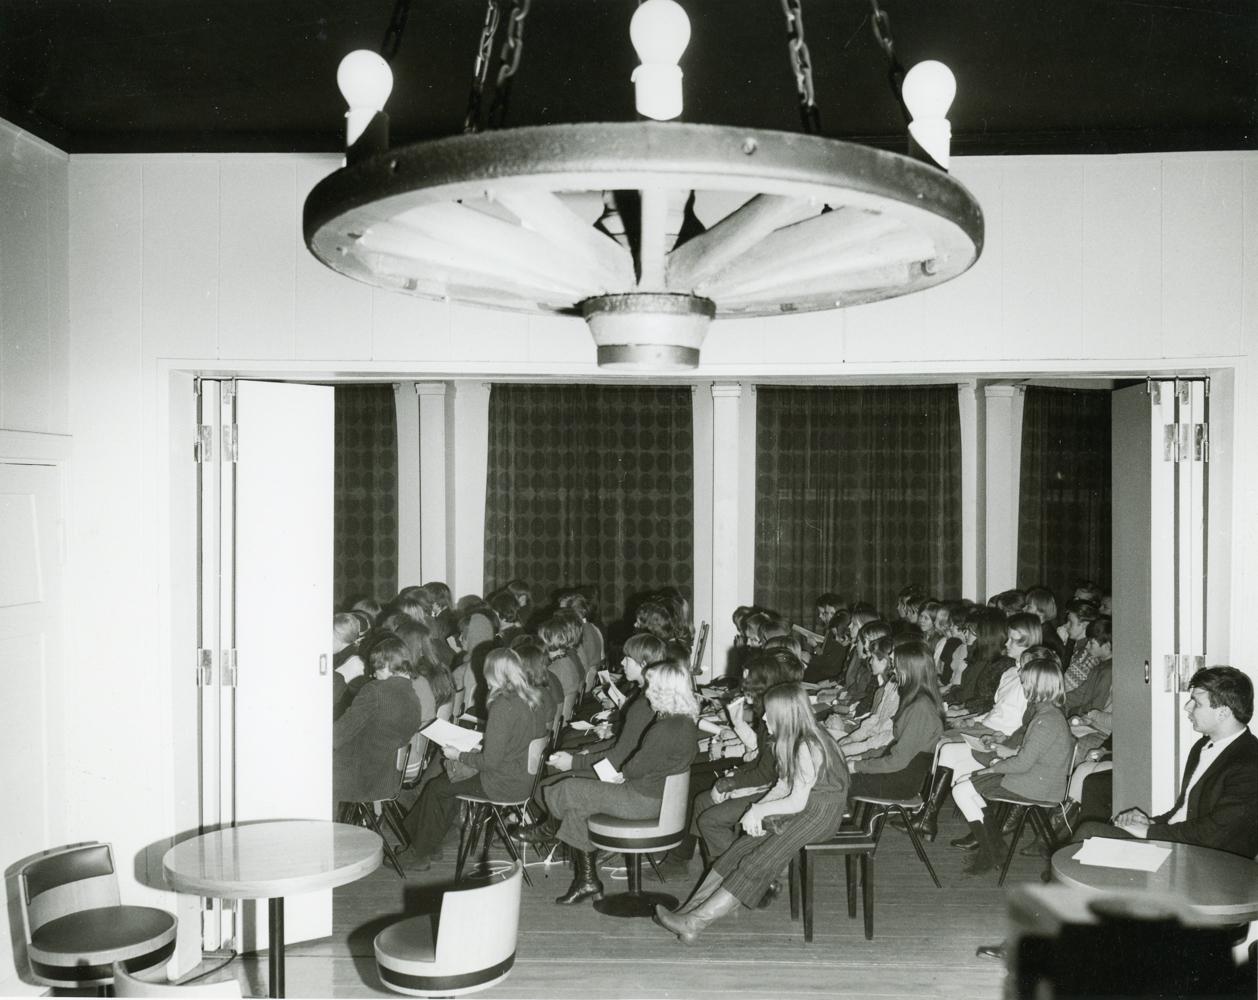 Nuopparilla järjestettiin myös keskustelutilaisuuksia, joissa nuoret saivat esittää omia ehdotuksia nuorisotoiminnan kehittämisestä. Kuvassa nuorisotapahtuma 1960-luvun lopulta. Kuva Arvo Haakana. RKM-kokoelmat.